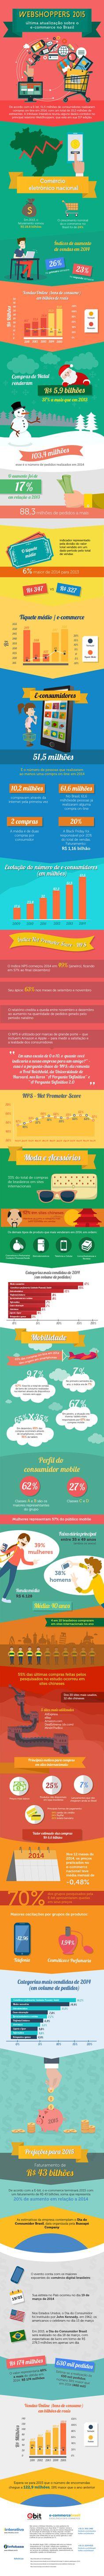 Em parceria com o E-Commerce Brasil e a E-bit, a IInterativa elaborou um infográfico para ilustrar os números do comércio eletrônico brasileiro que foram divulgados no último relatório Webshoppers deste ano.